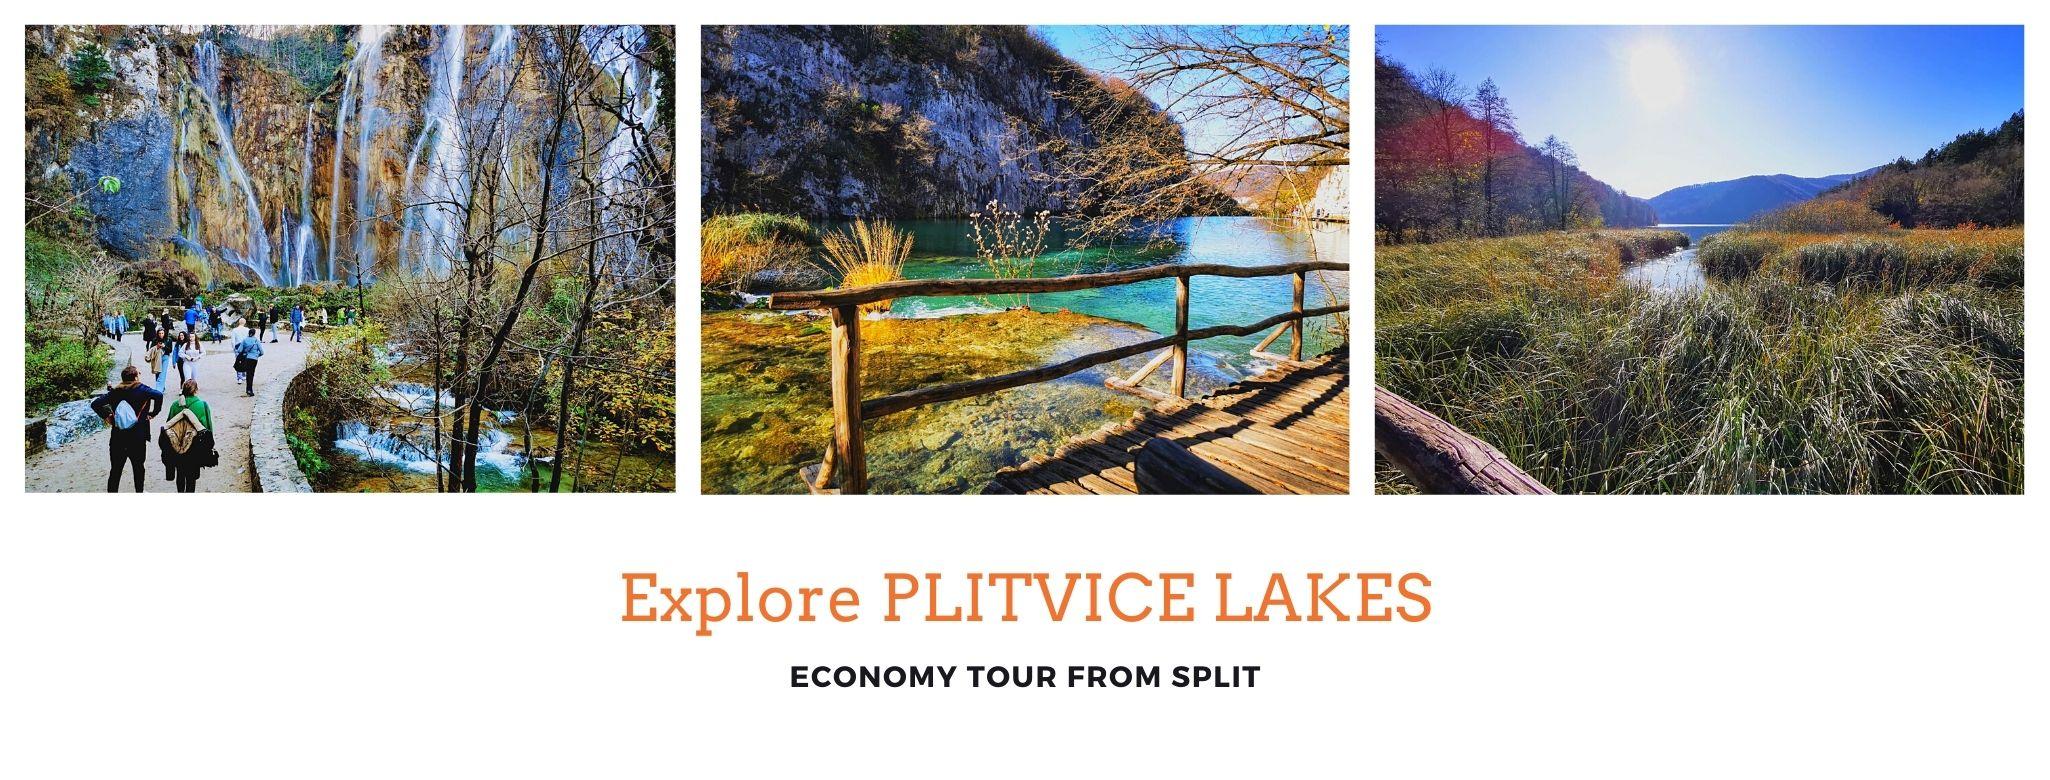 Plitvice lakes economy tour